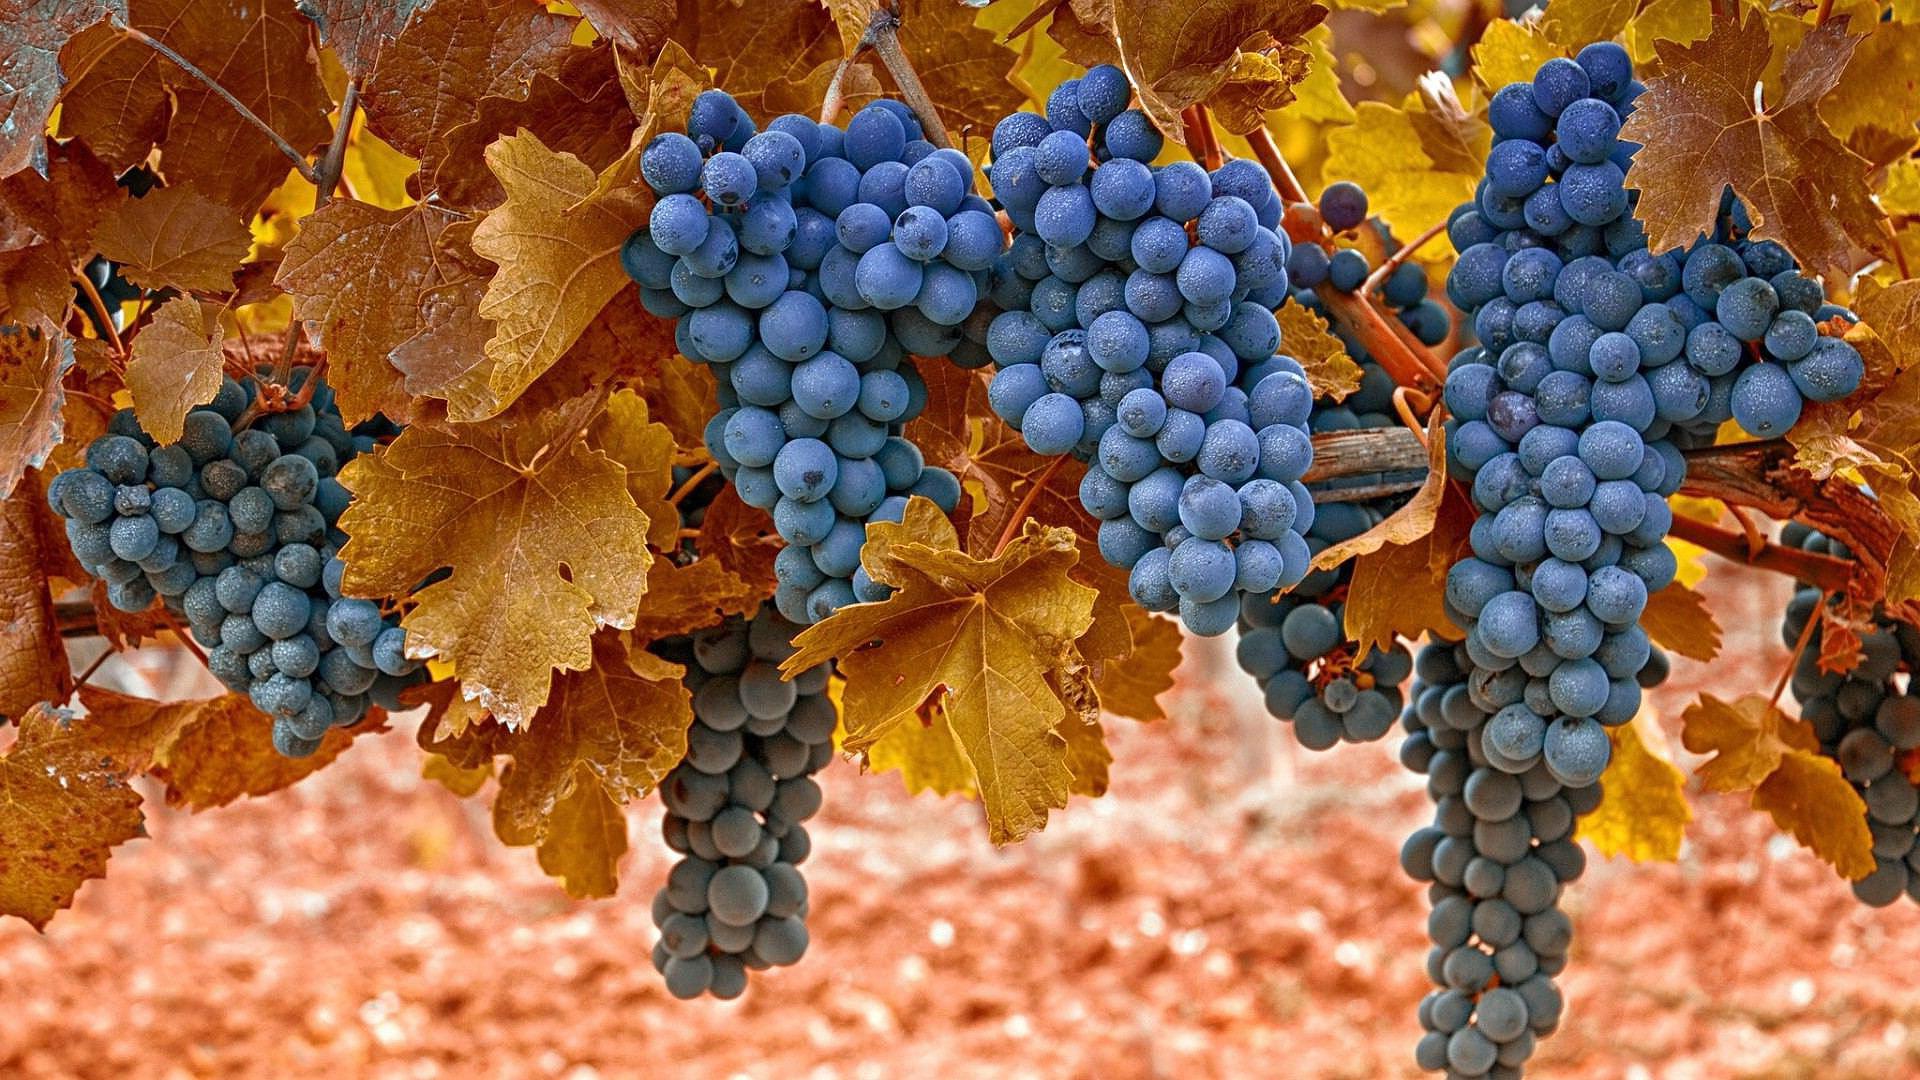 HDoboi.Kiev.ua - Осенние листья винограда, Grape leaves full hd